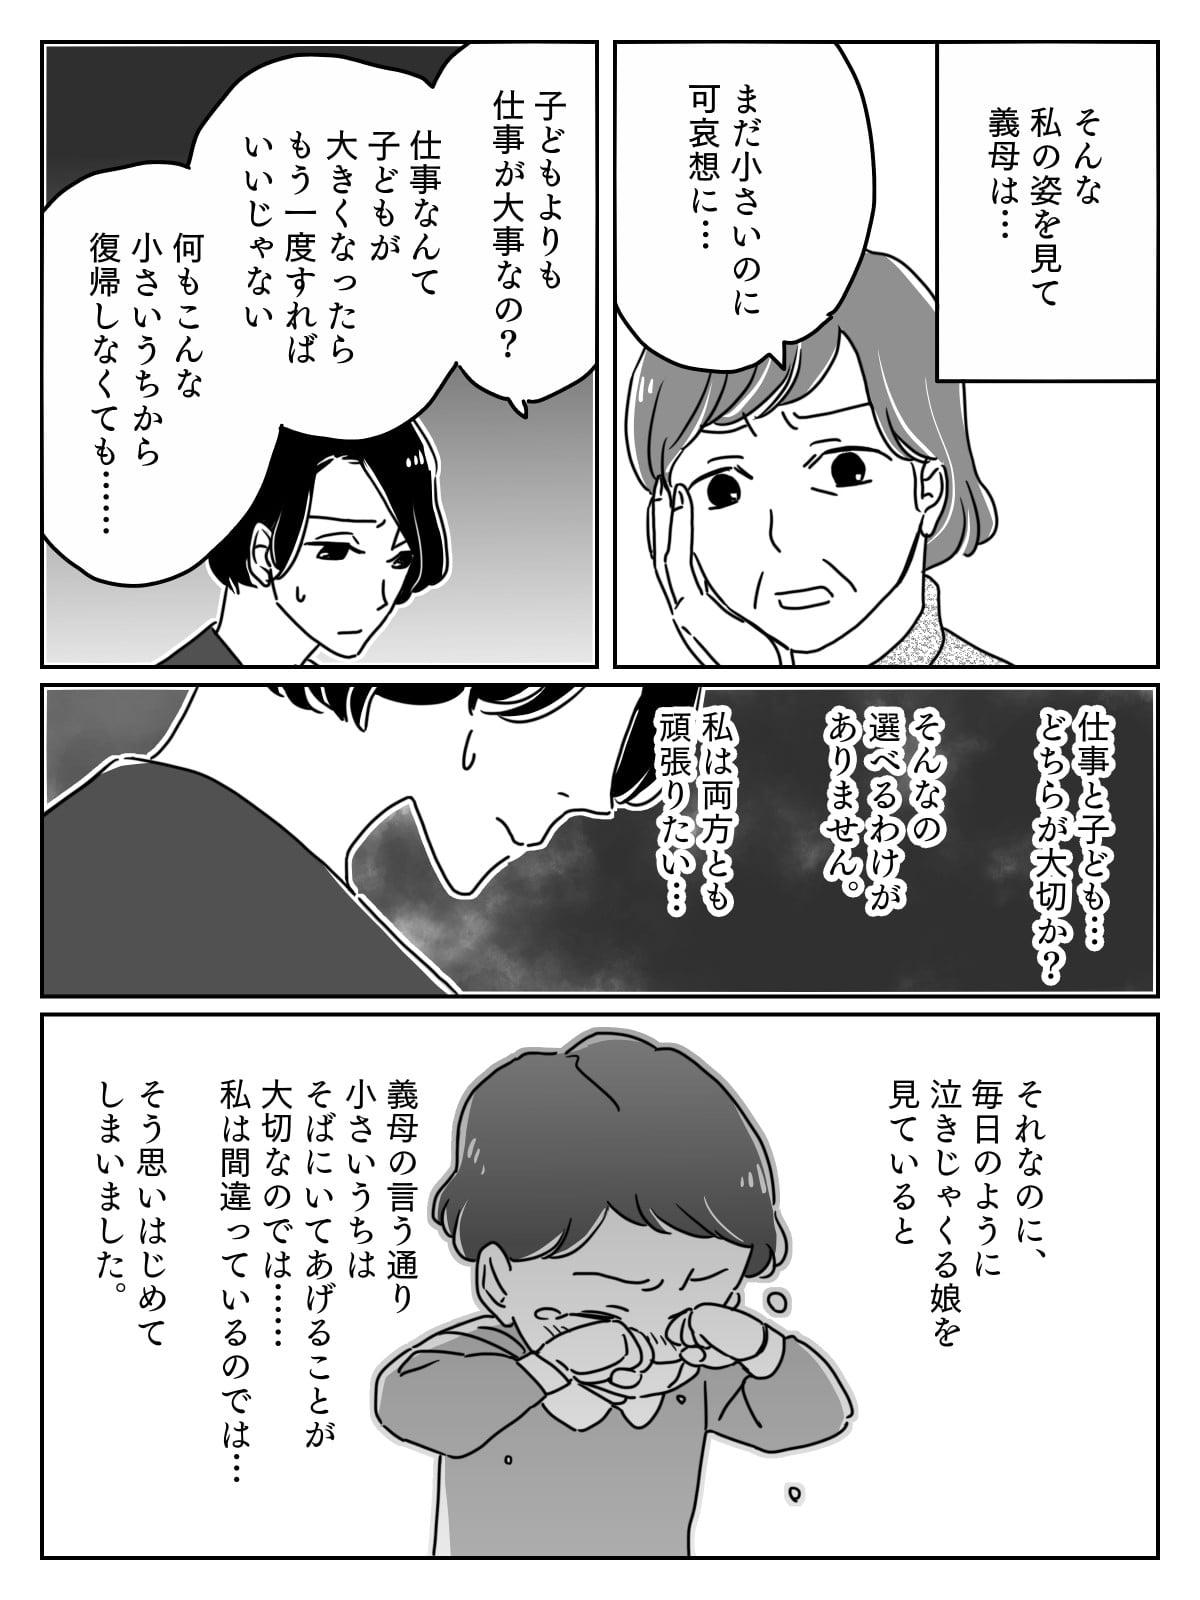 蜑咲キィ_02